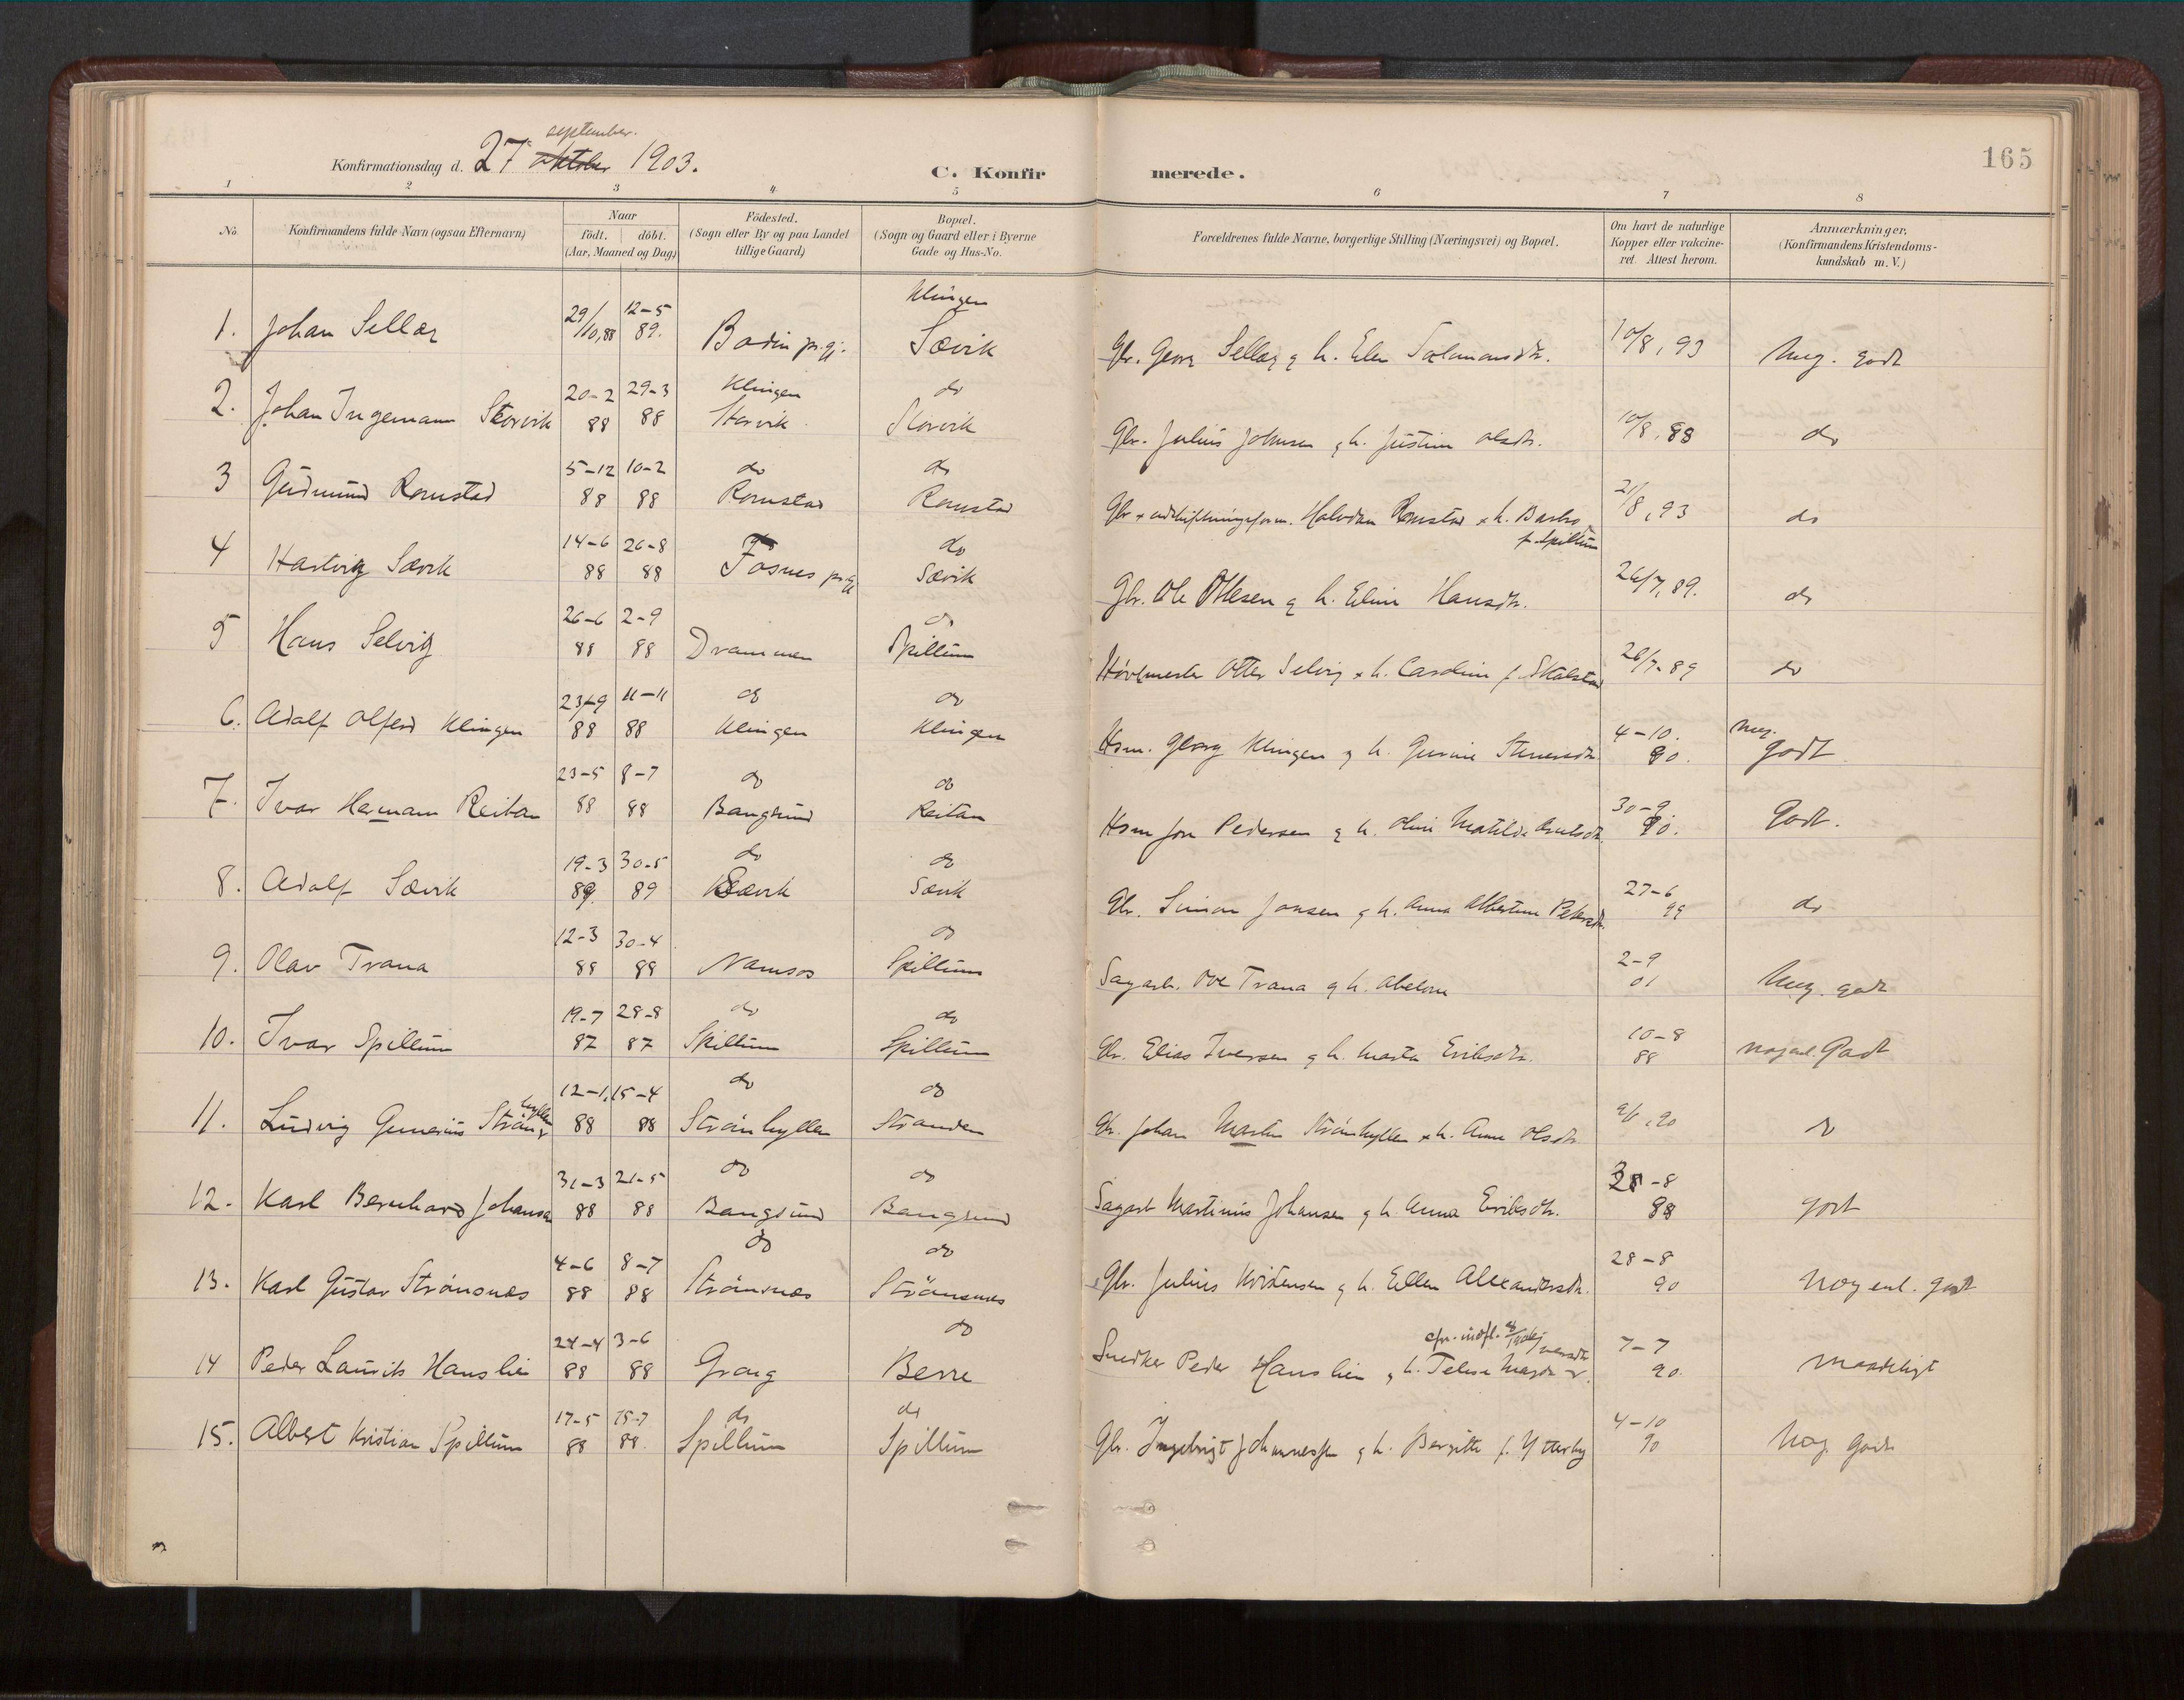 SAT, Ministerialprotokoller, klokkerbøker og fødselsregistre - Nord-Trøndelag, 770/L0589: Ministerialbok nr. 770A03, 1887-1929, s. 165